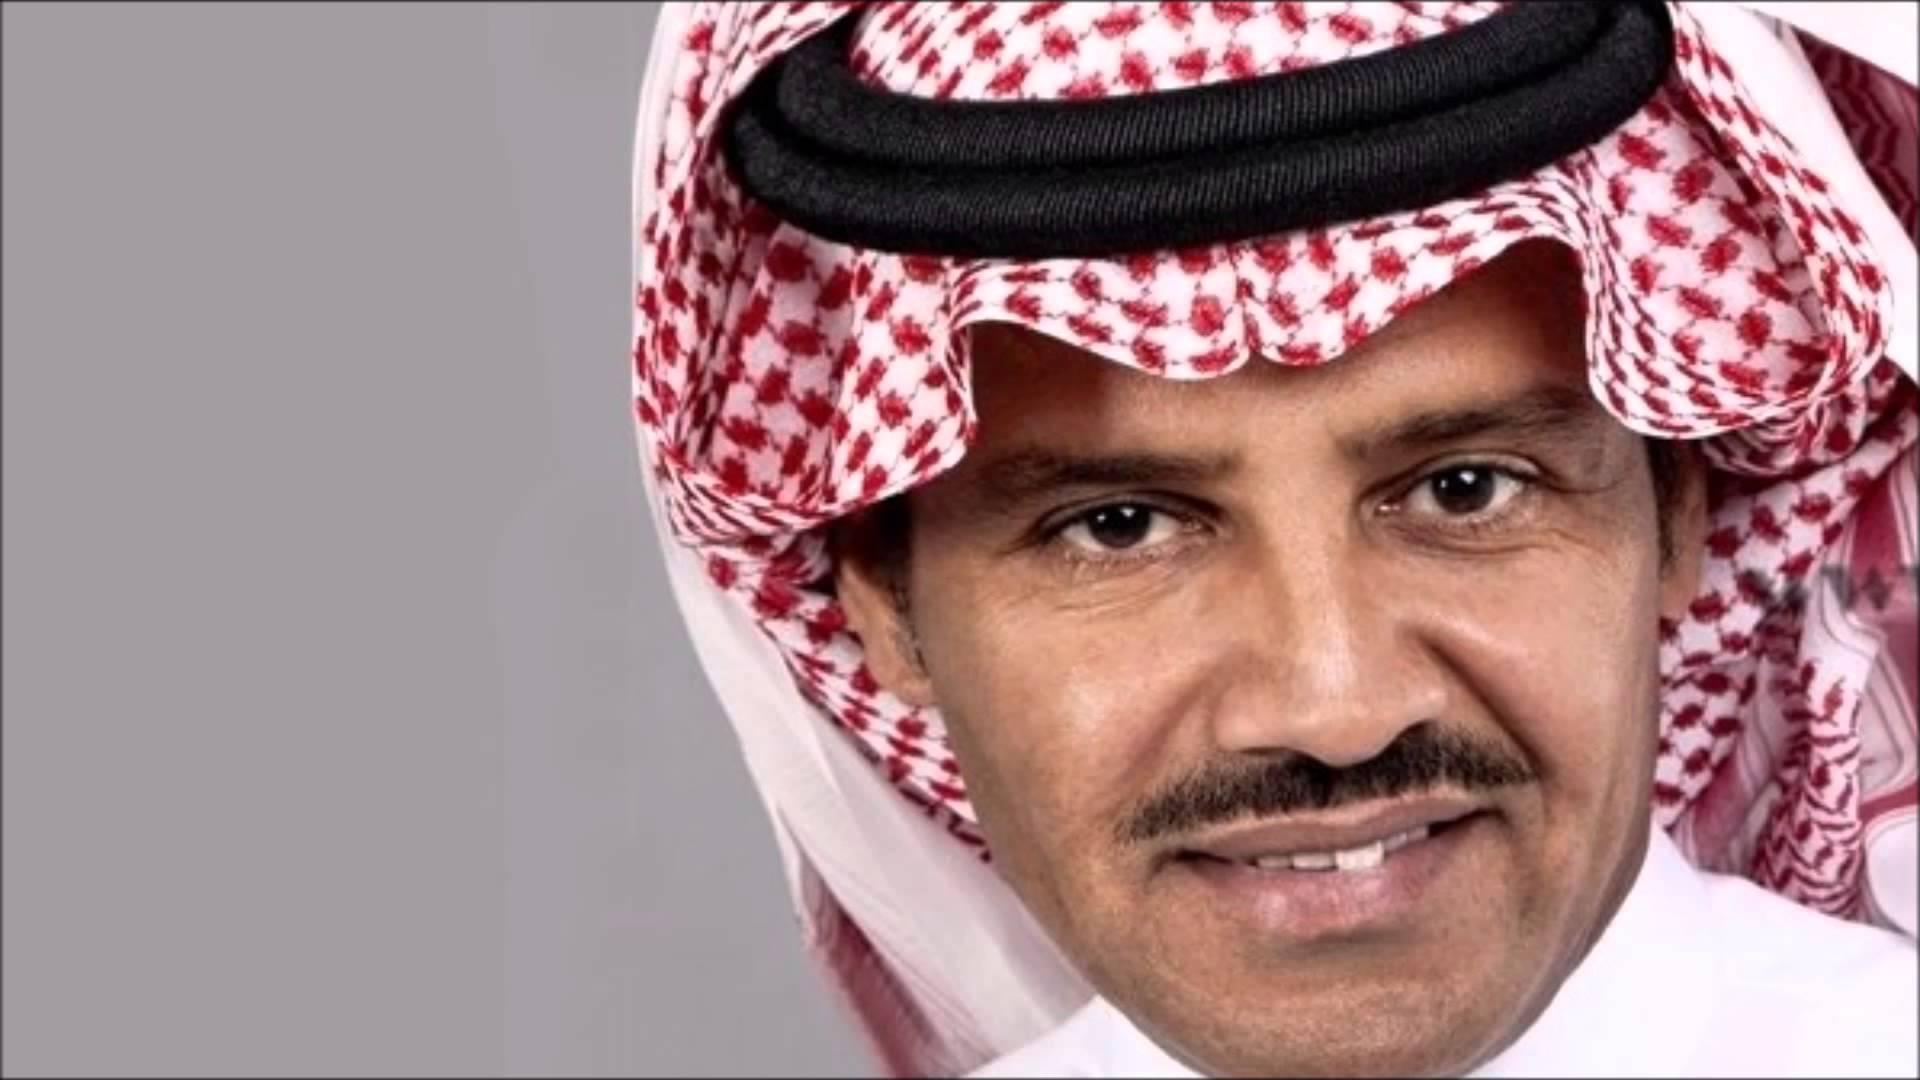 بالصور خالد عبد الرحمن , حباه خالد عبد الرحمن 2599